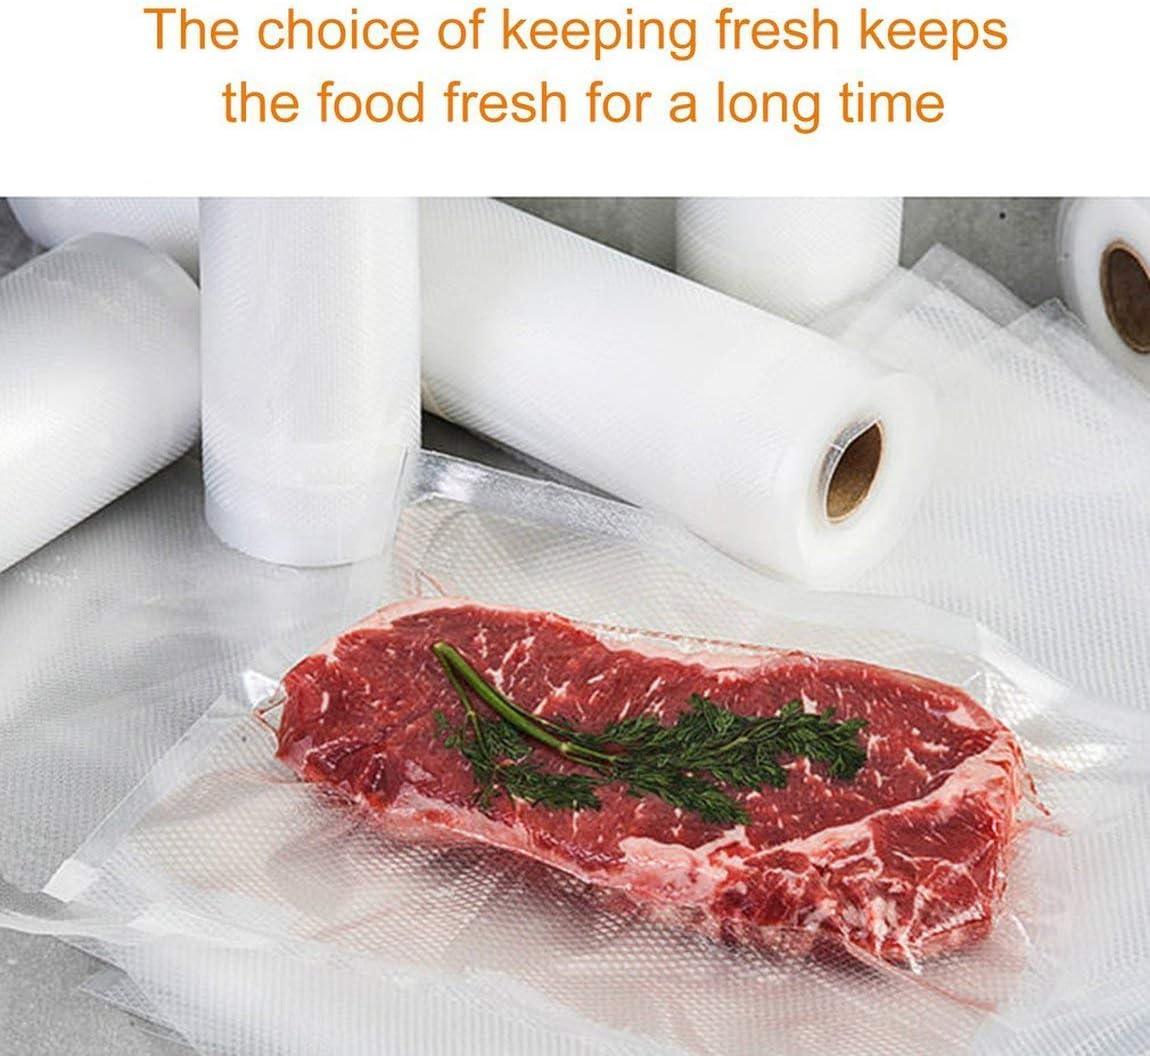 Cxjff 1 rouleau de sacs de conservation sous vide pour nourriture et emballage non toxique (couleur : transparent 25 x 500 cm) Transparent 15 X 500 Cm.